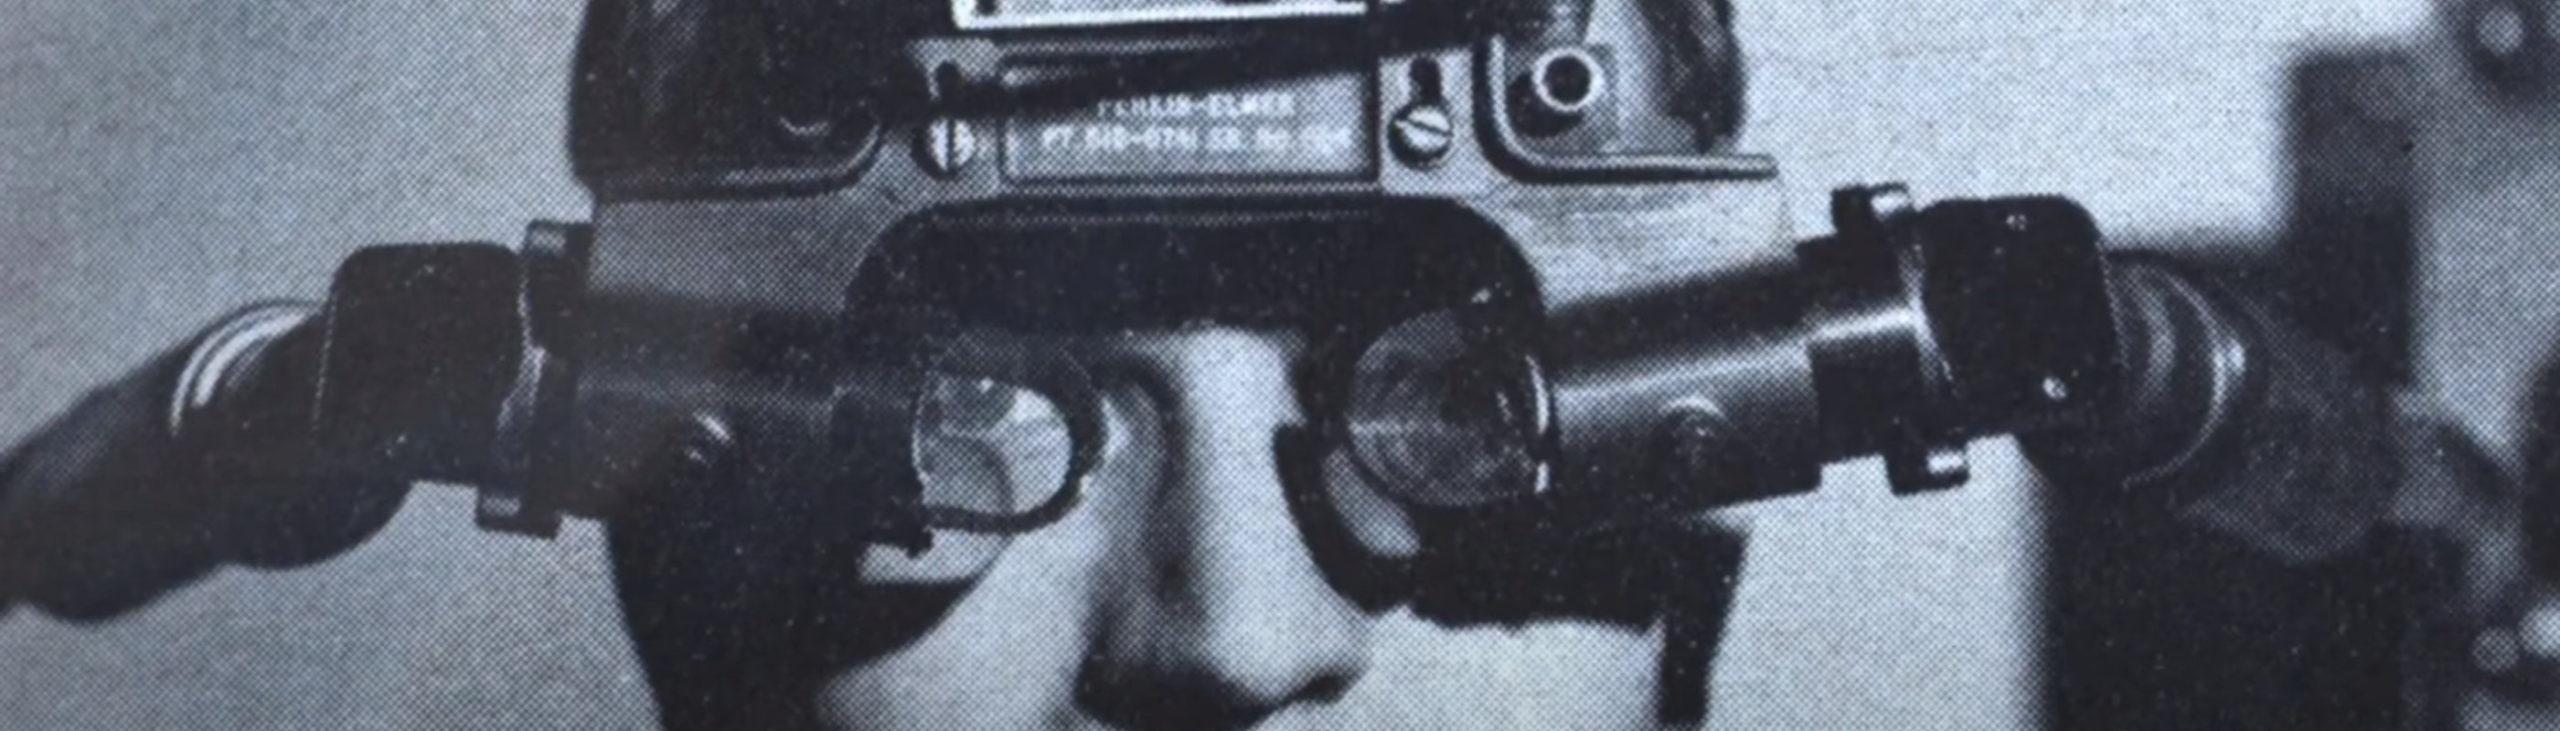 Primeras gafas de realidad virtual | 5